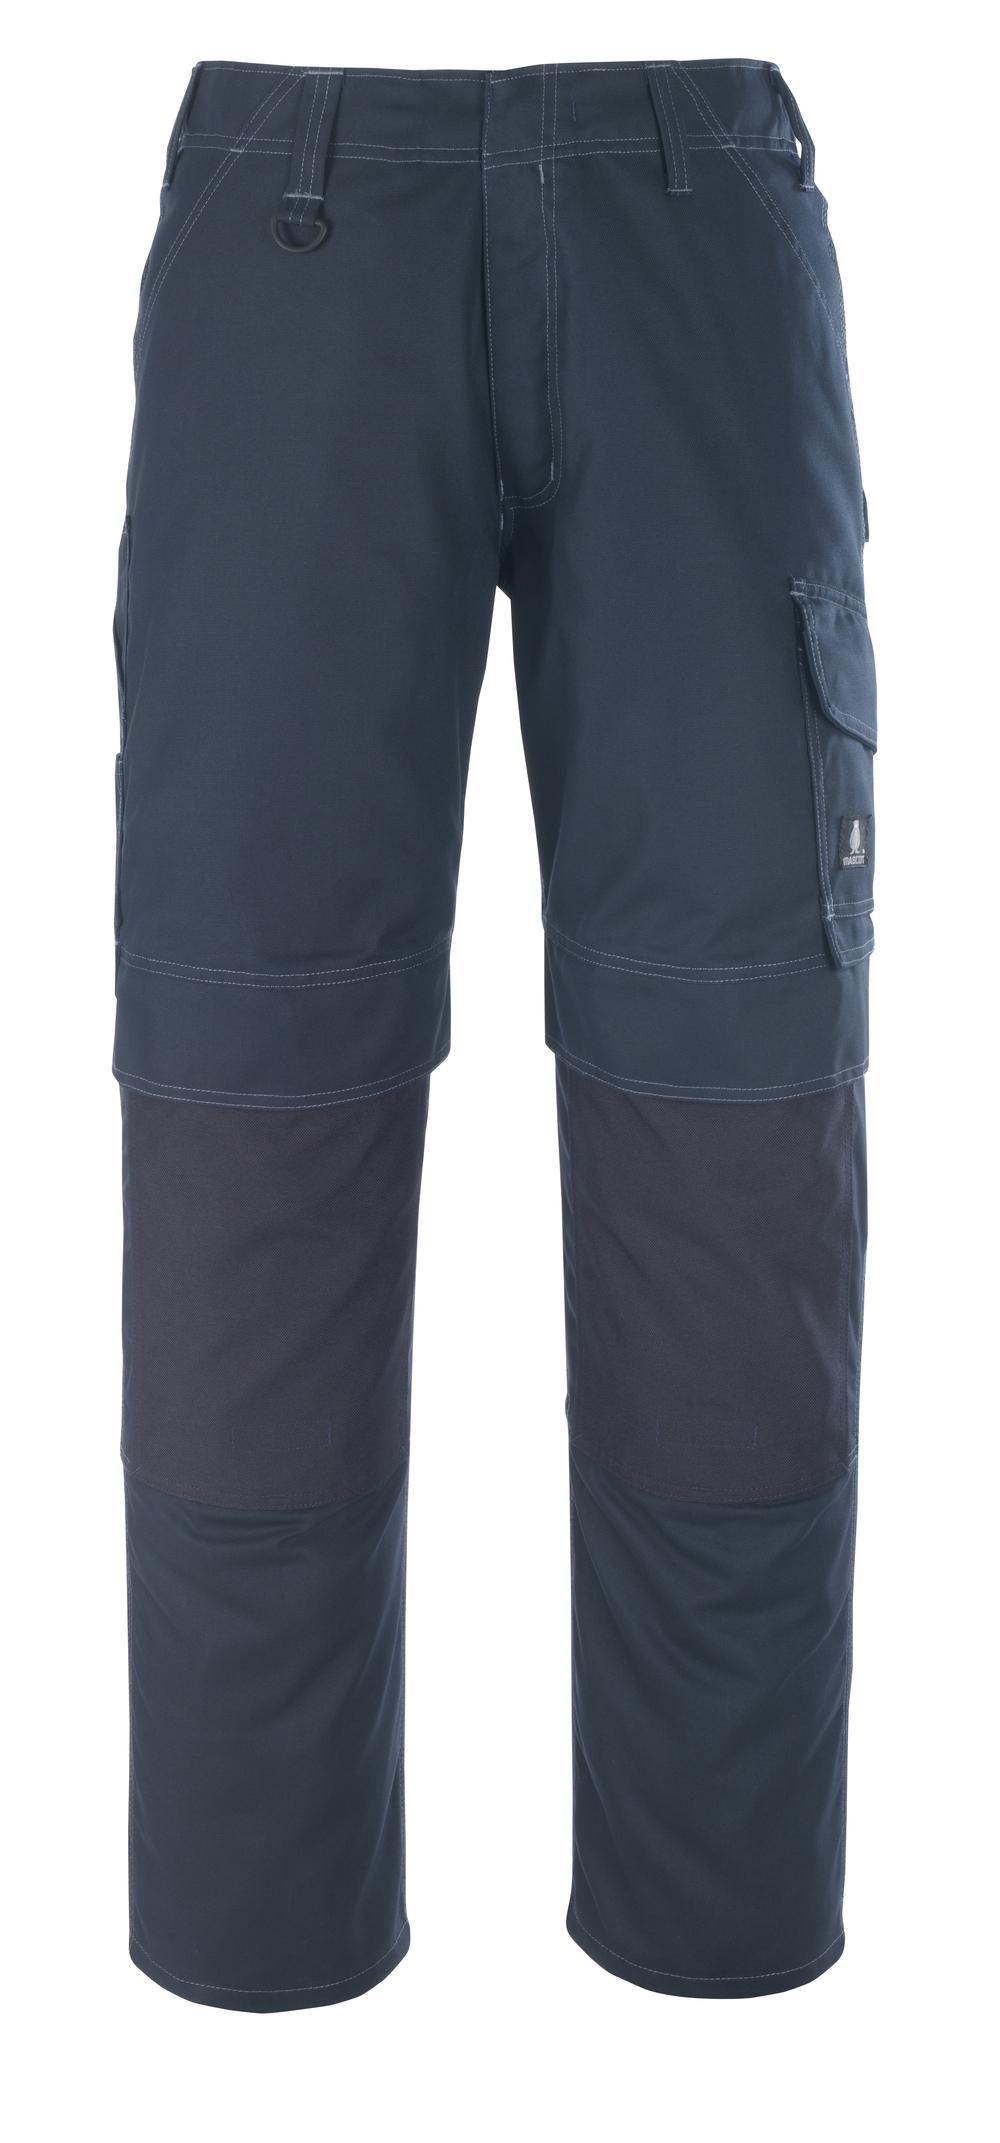 10179-154-010 Pantalones con bolsillos para rodilleras - azul marino oscuro